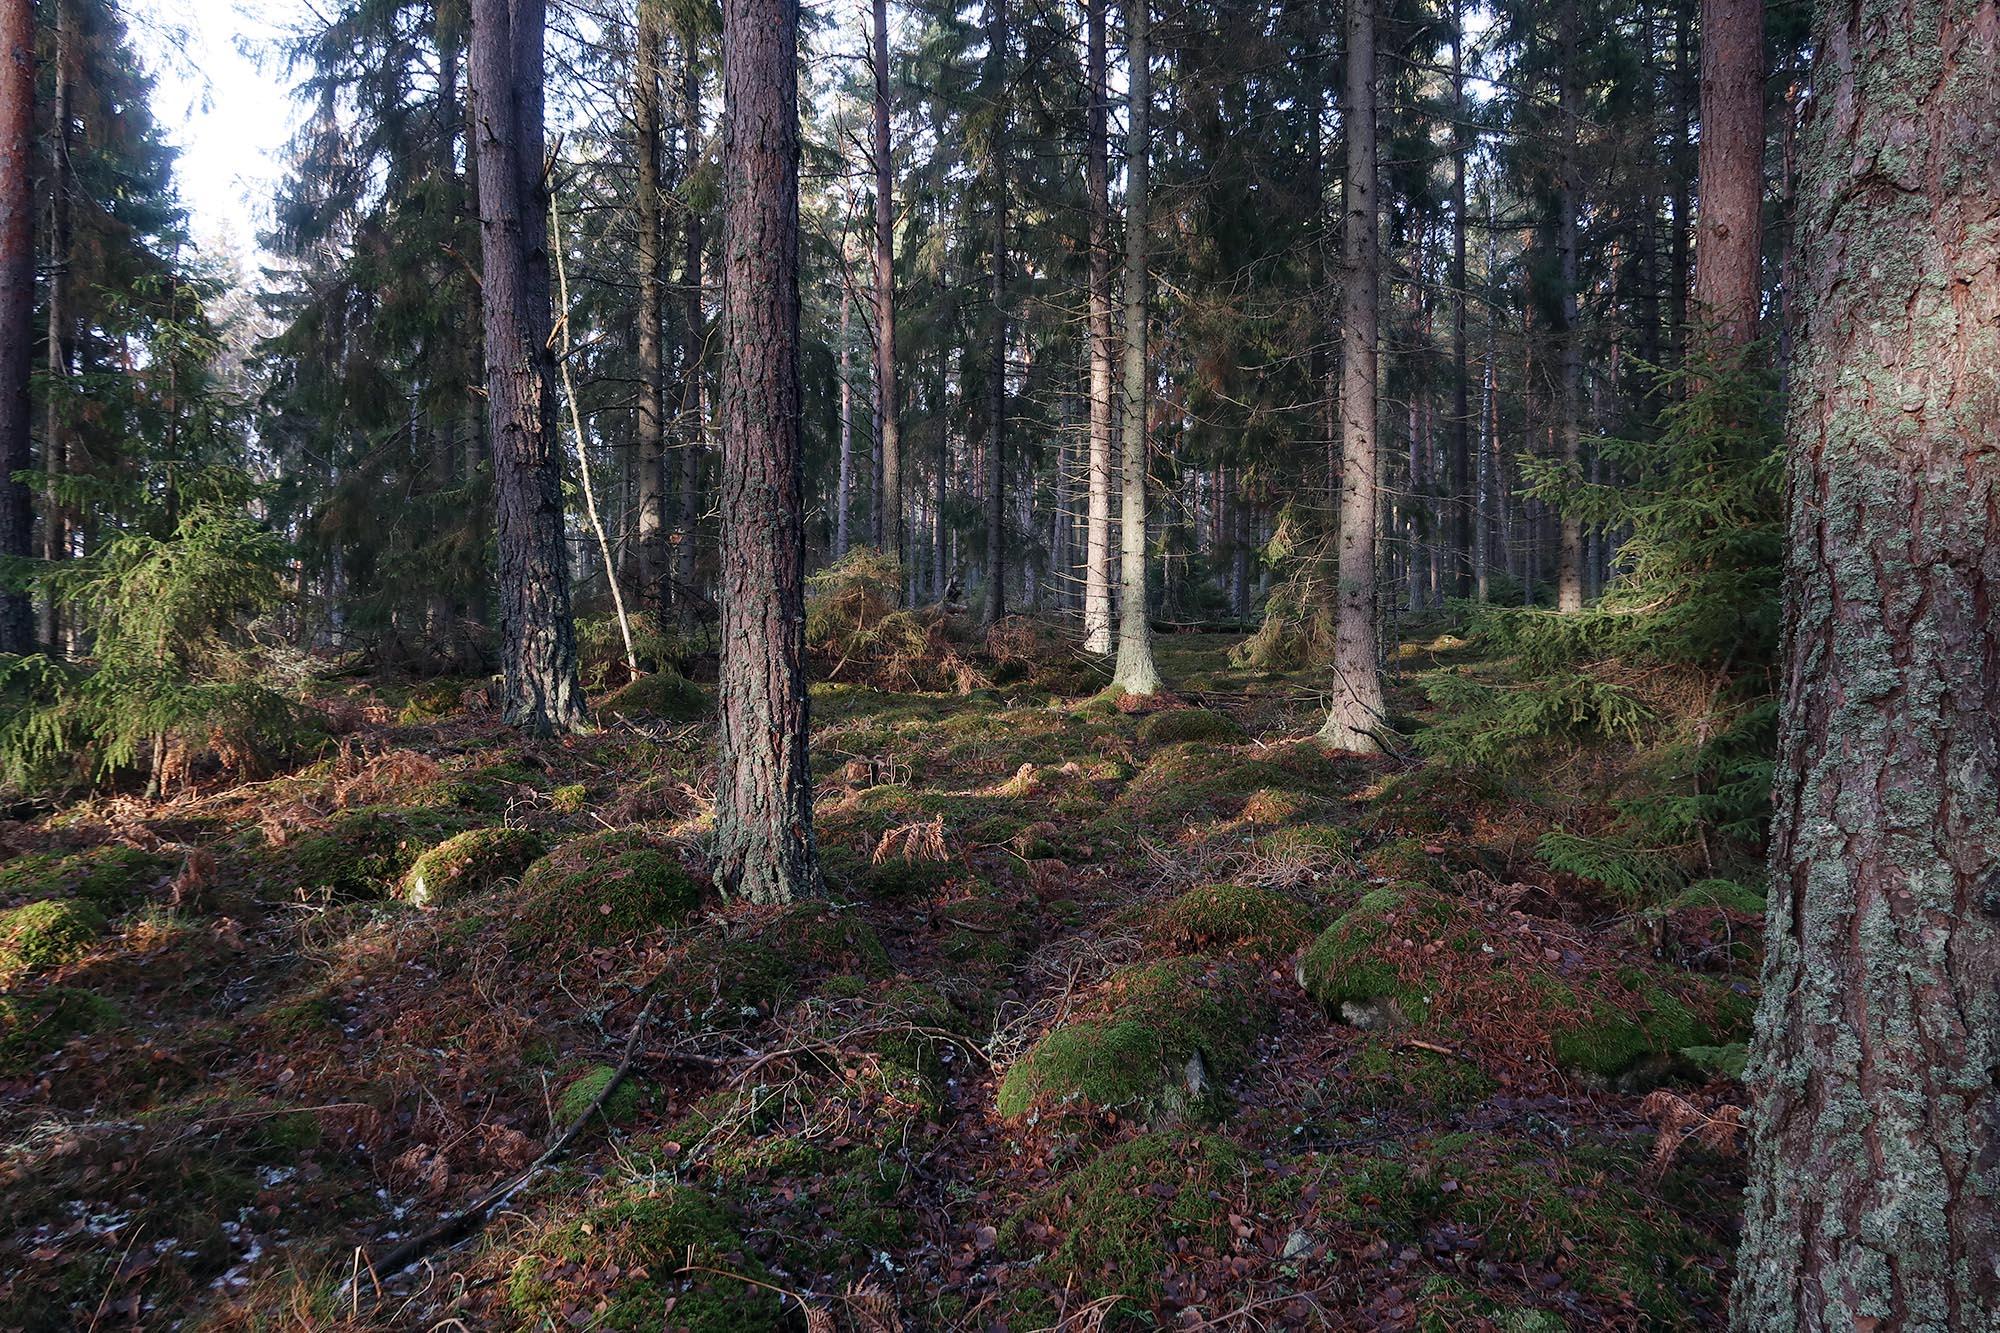 Vinterskog i vila